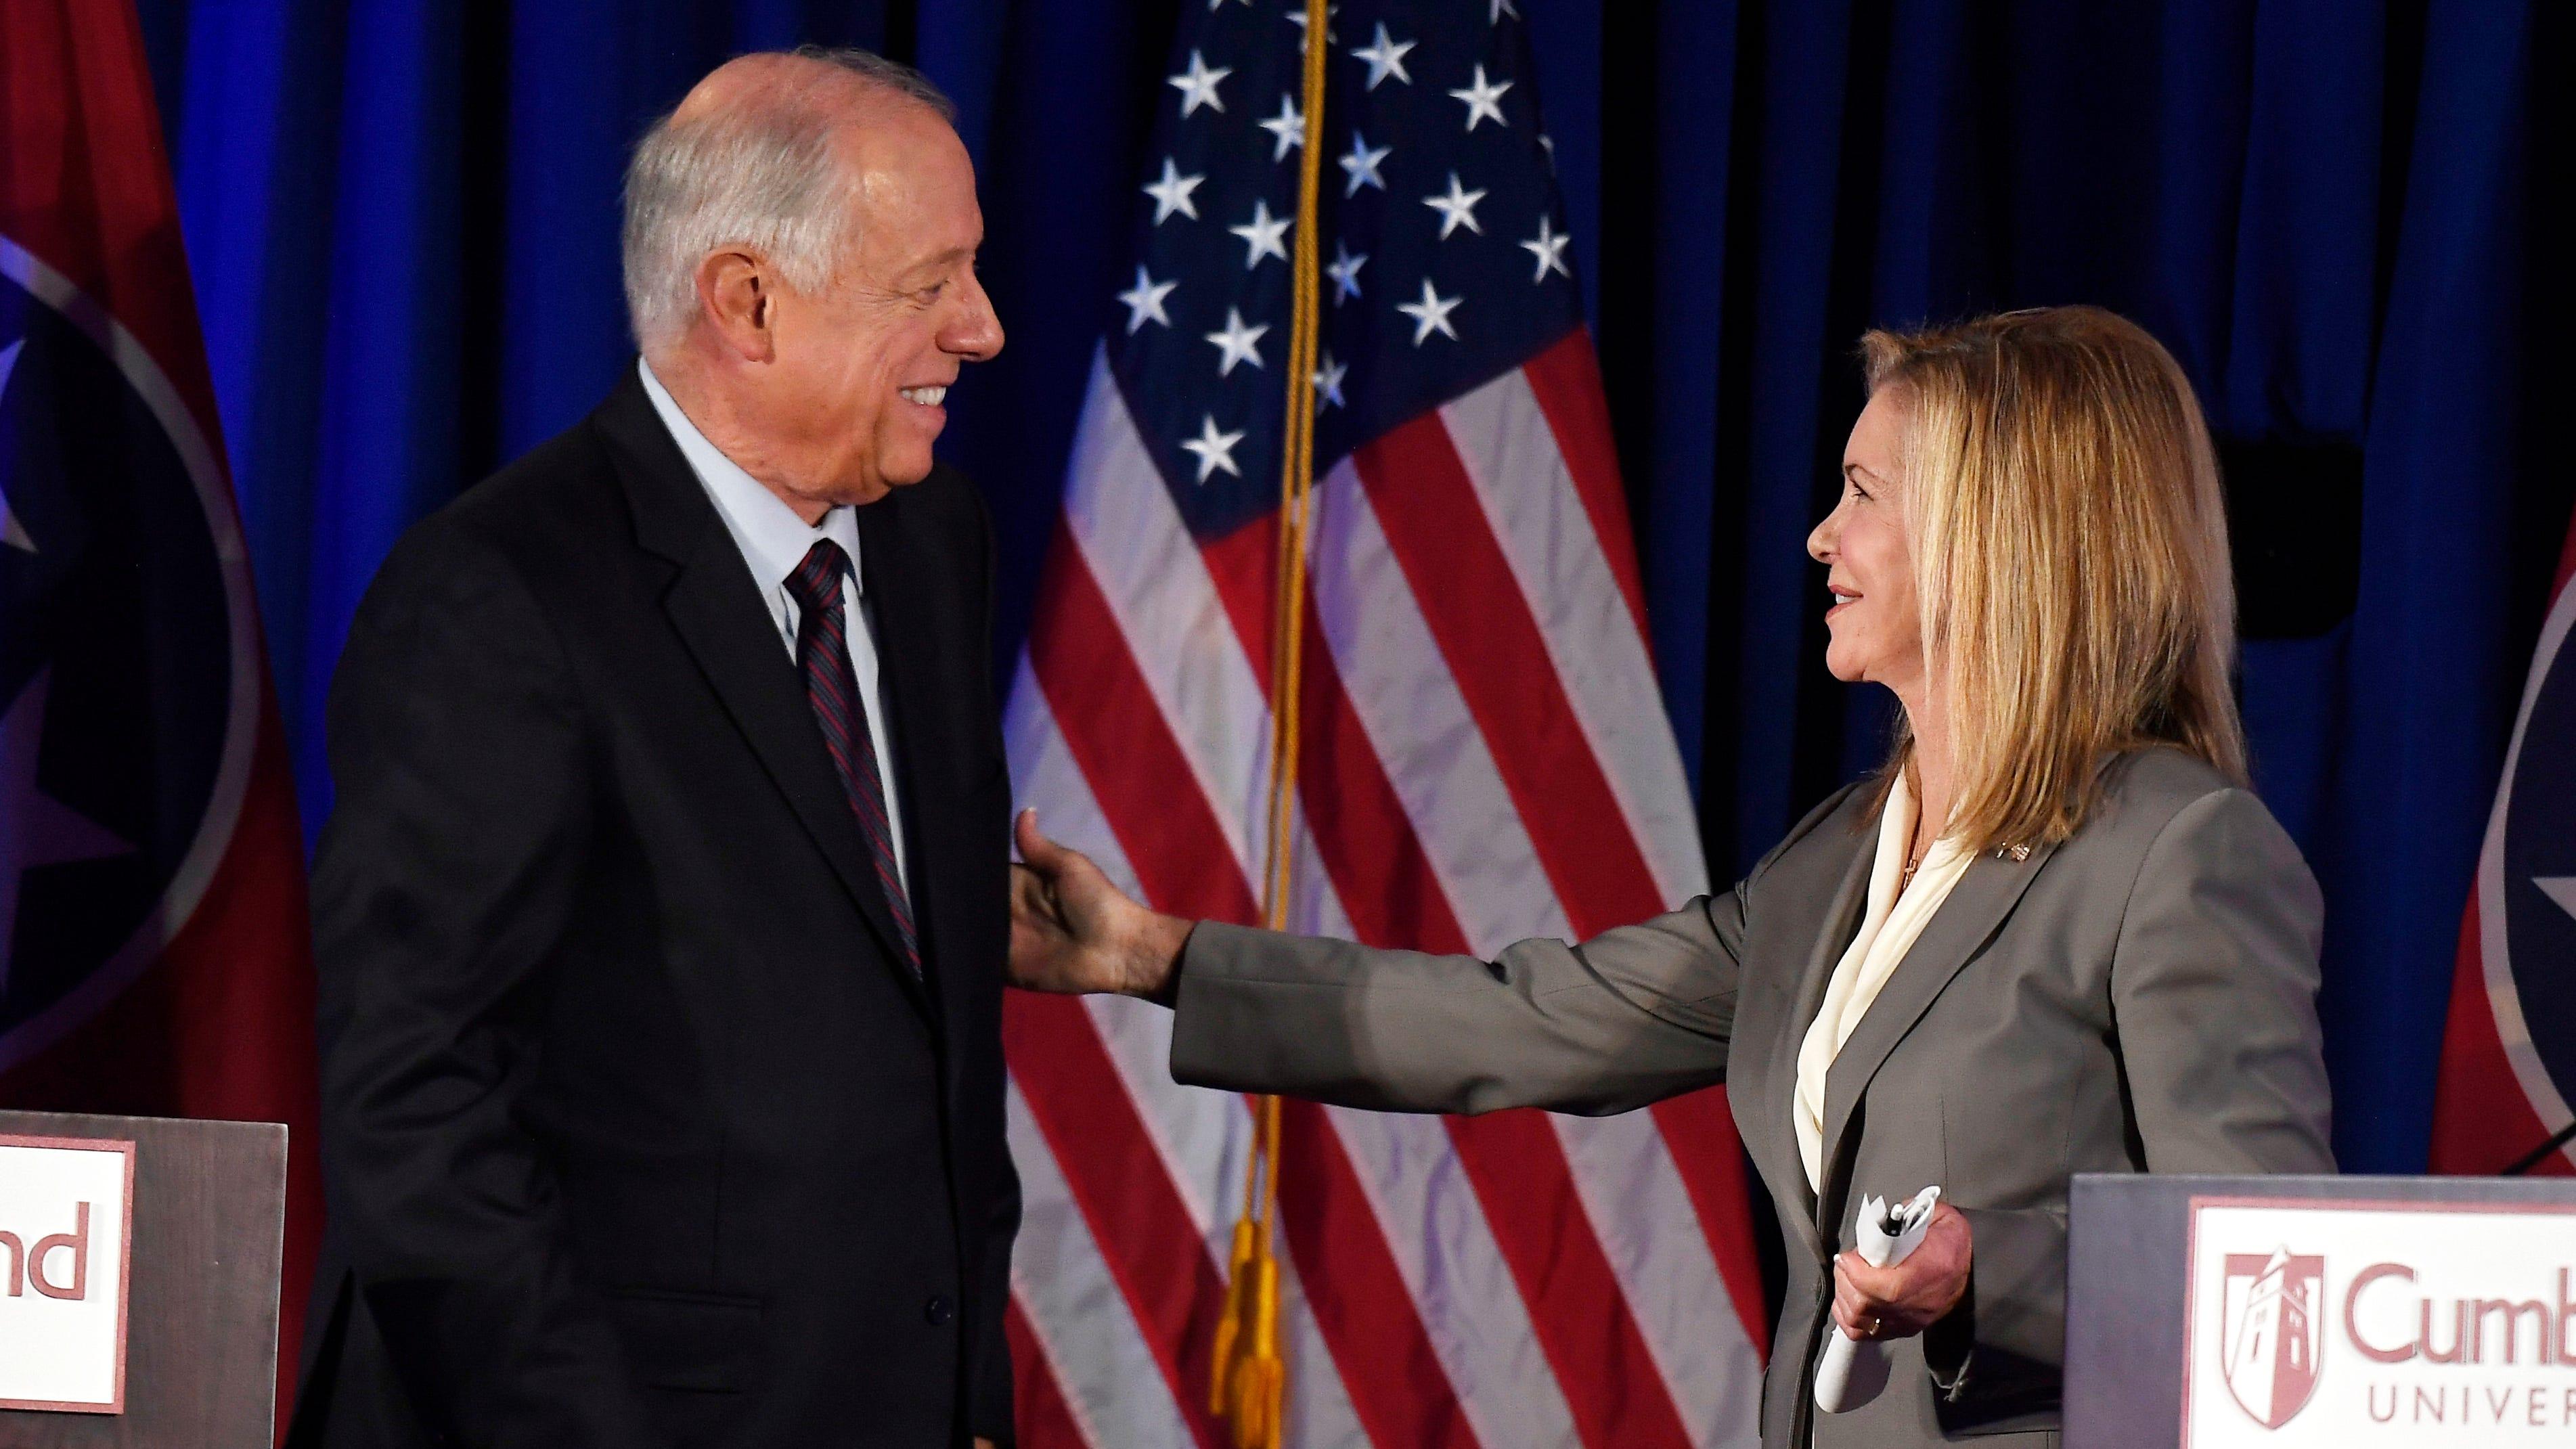 4 takeaways from Tuesday's heated US Senate debate between Marsha Blackburn and Phil Bredesen